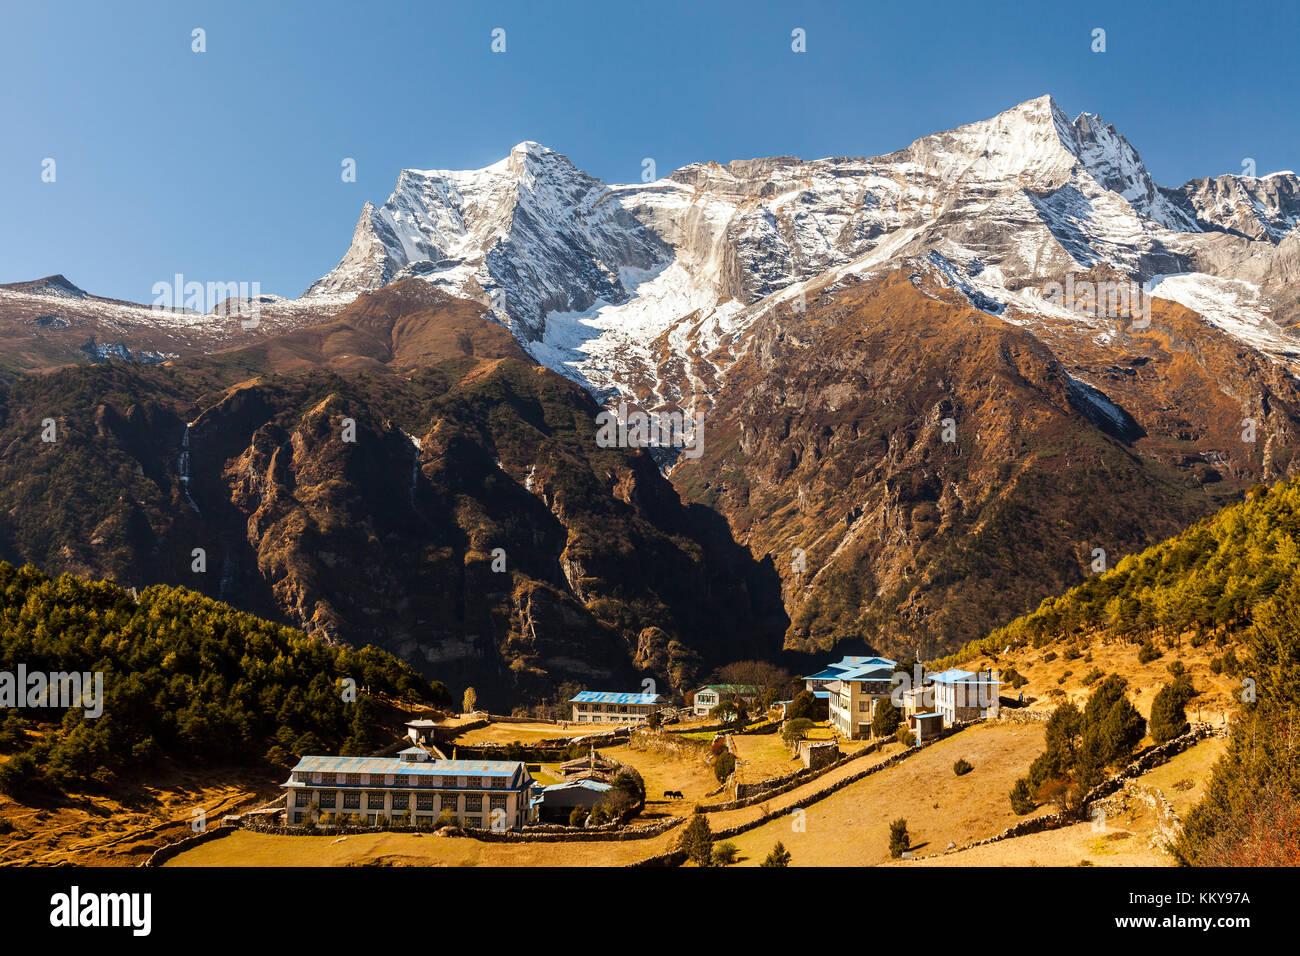 Namche Bazaar, Himalaya, Nepal - Stock Image